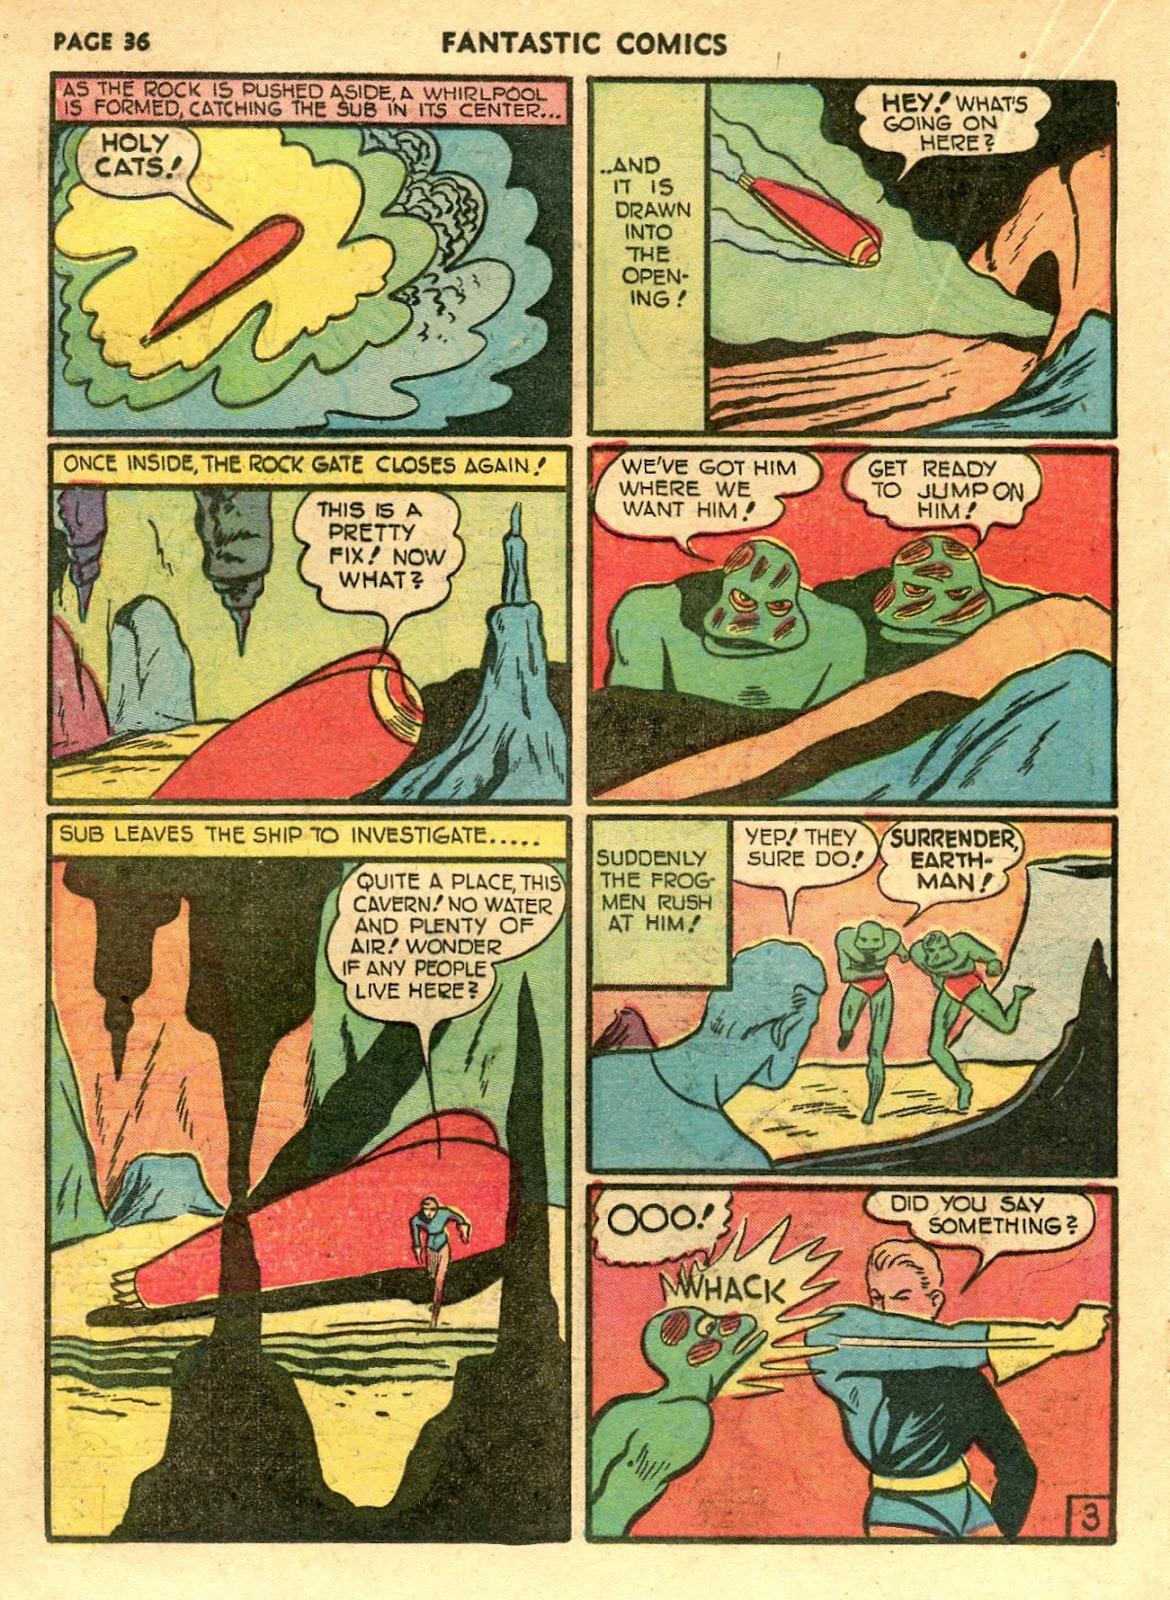 Read online Fantastic Comics comic -  Issue #21 - 34